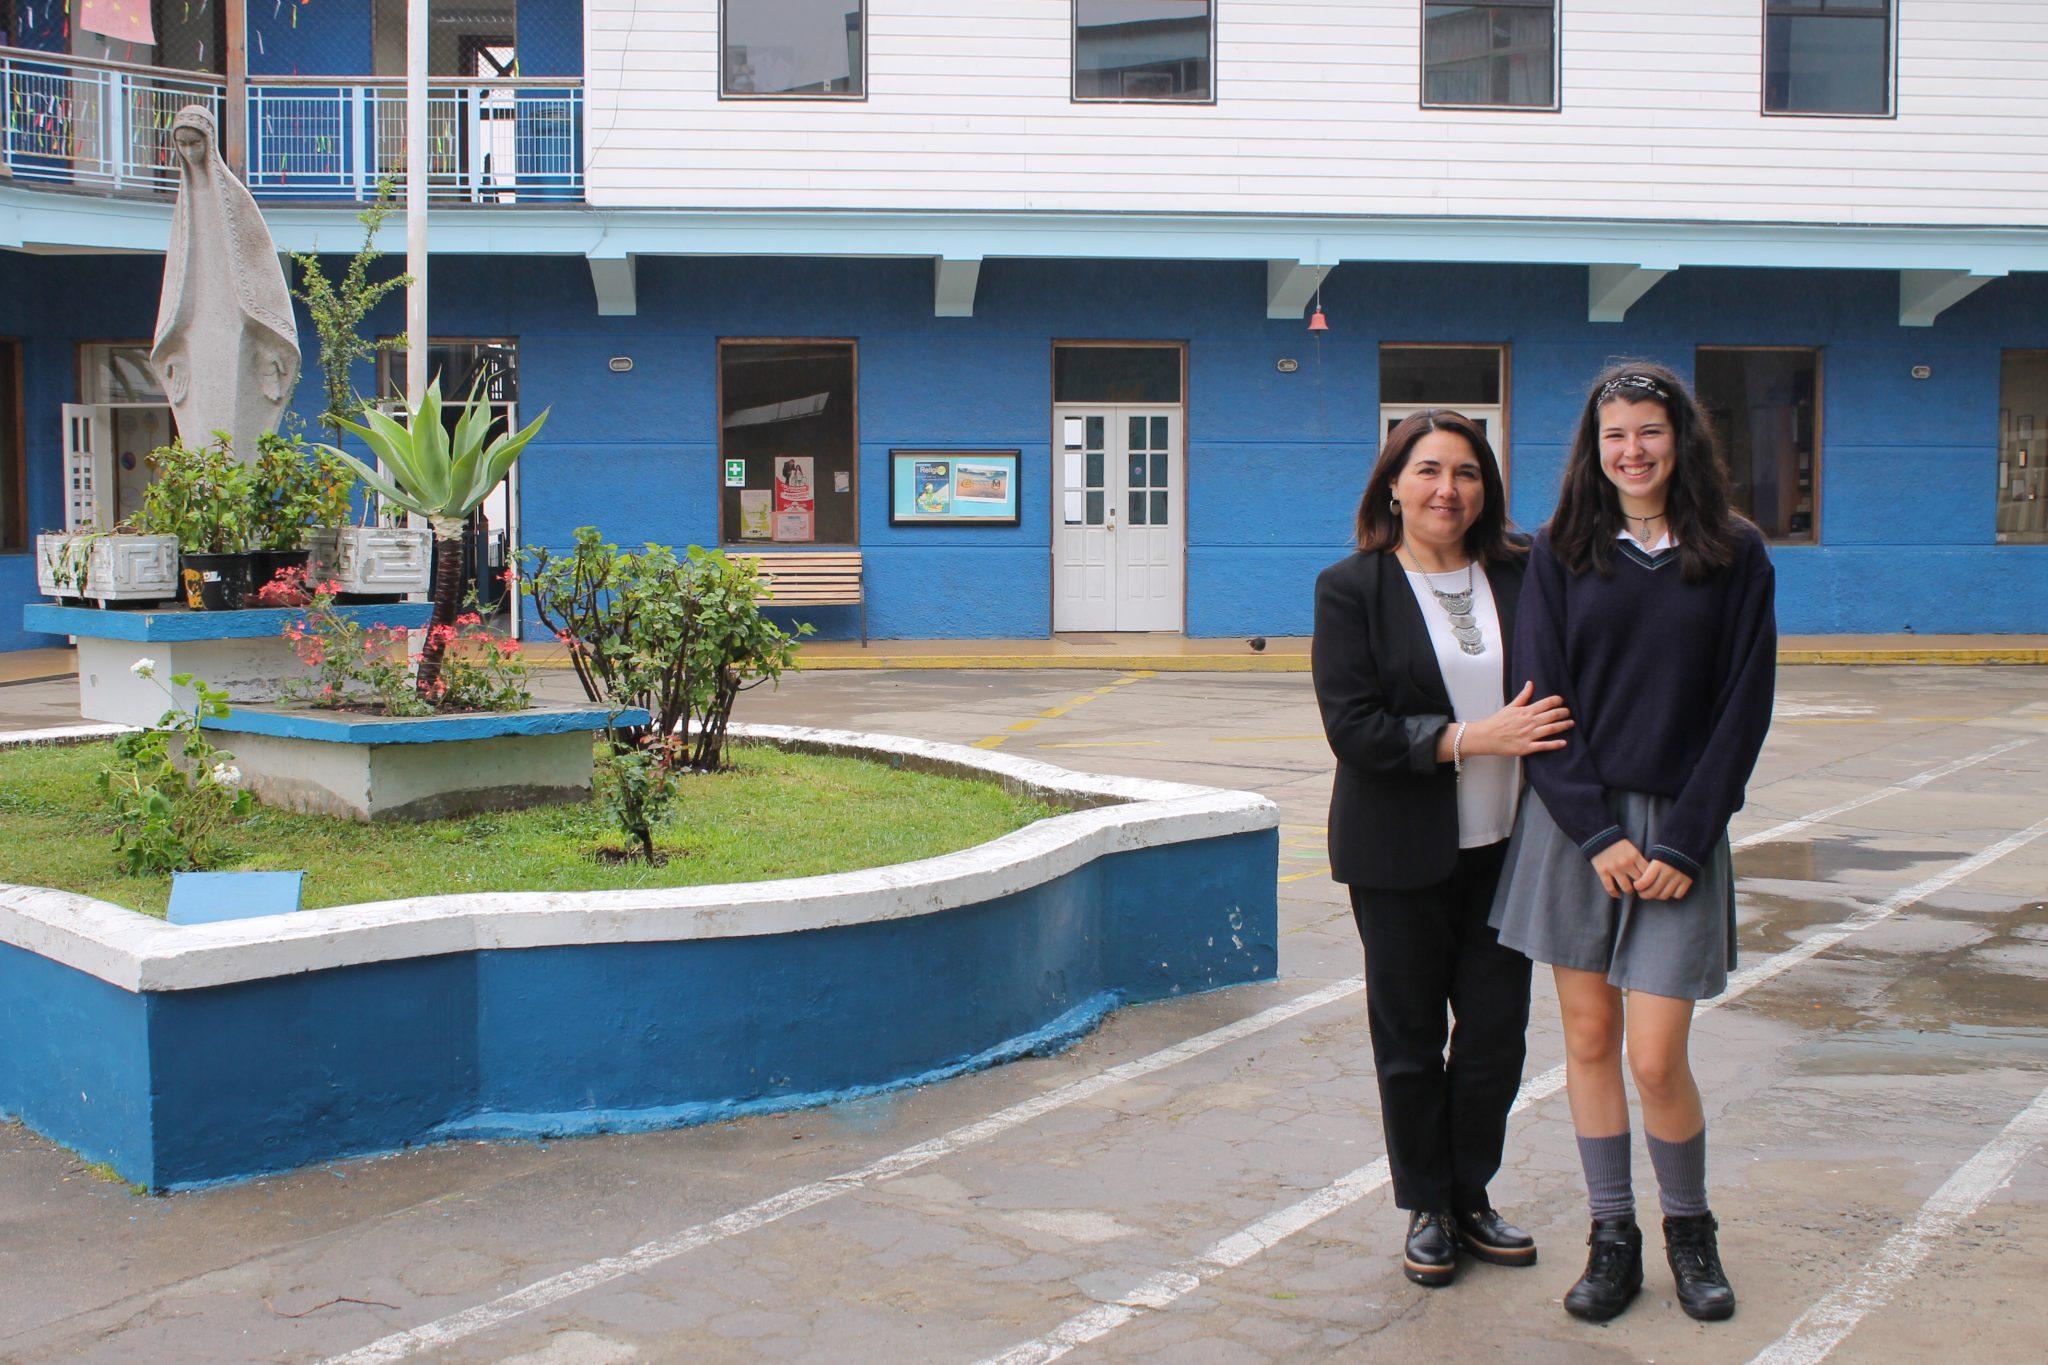 Estudiantes del colegio Compañía de María concretan su compromiso con la preservación del medio ambiente